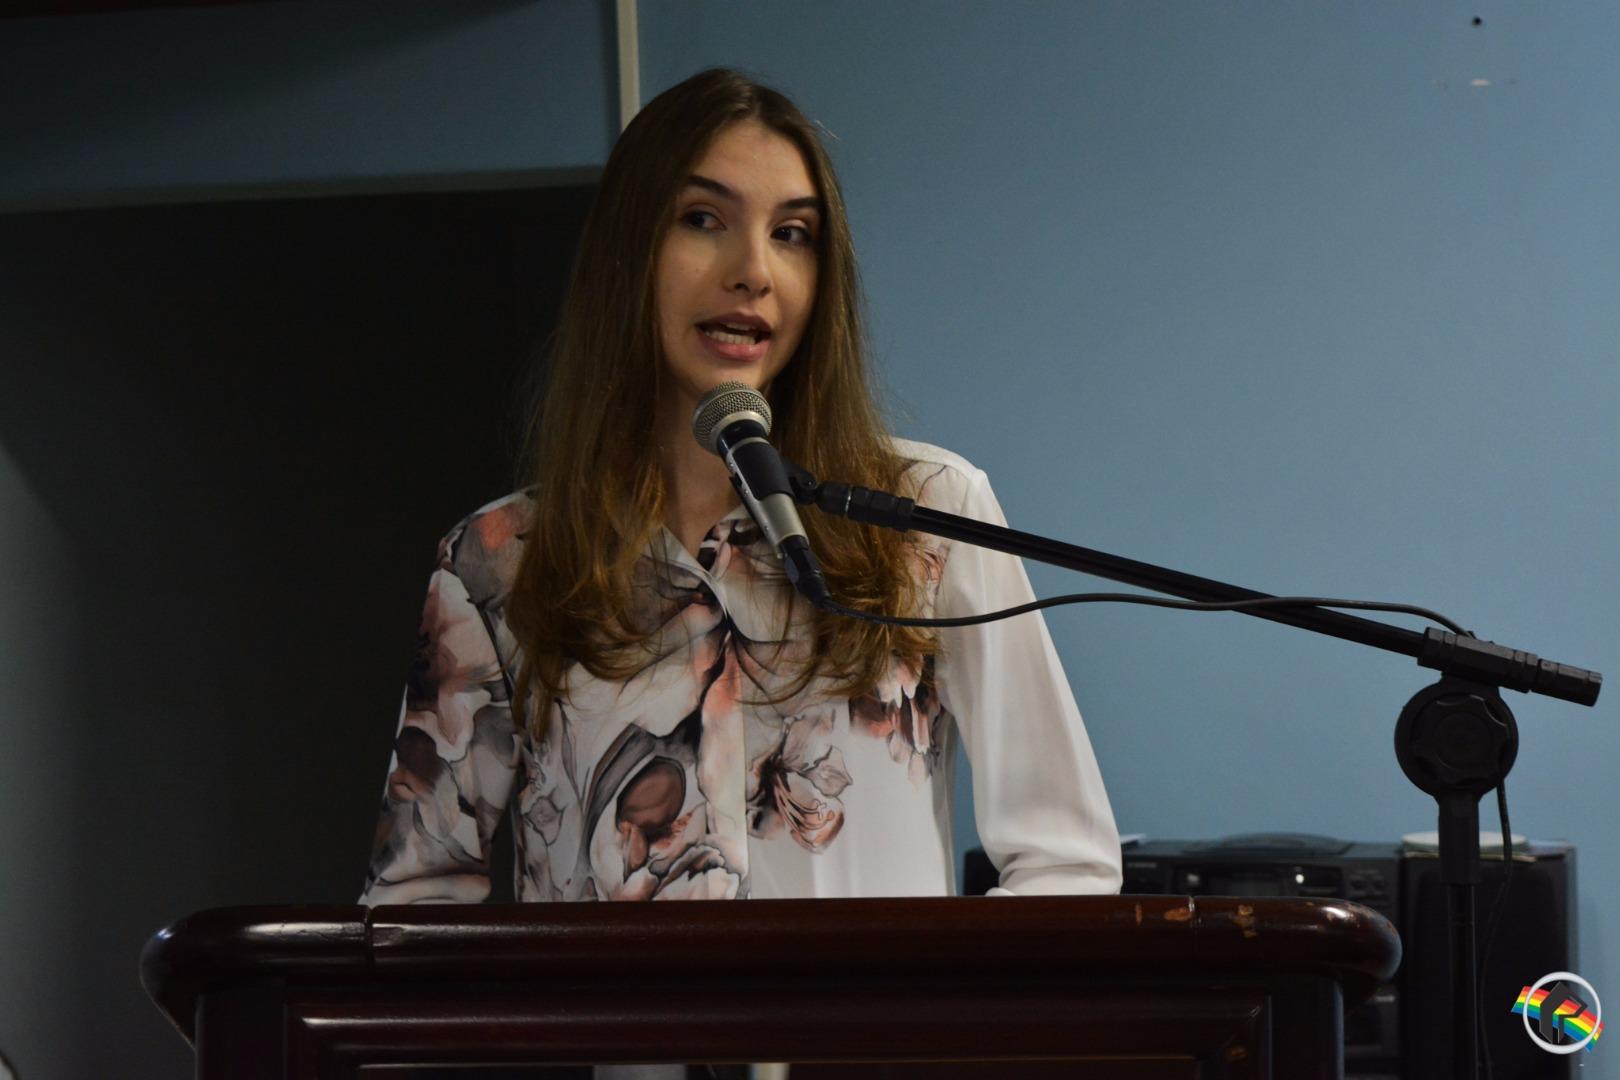 Oratória nas Escolas 2017 é lançada oficialmente pela JCI